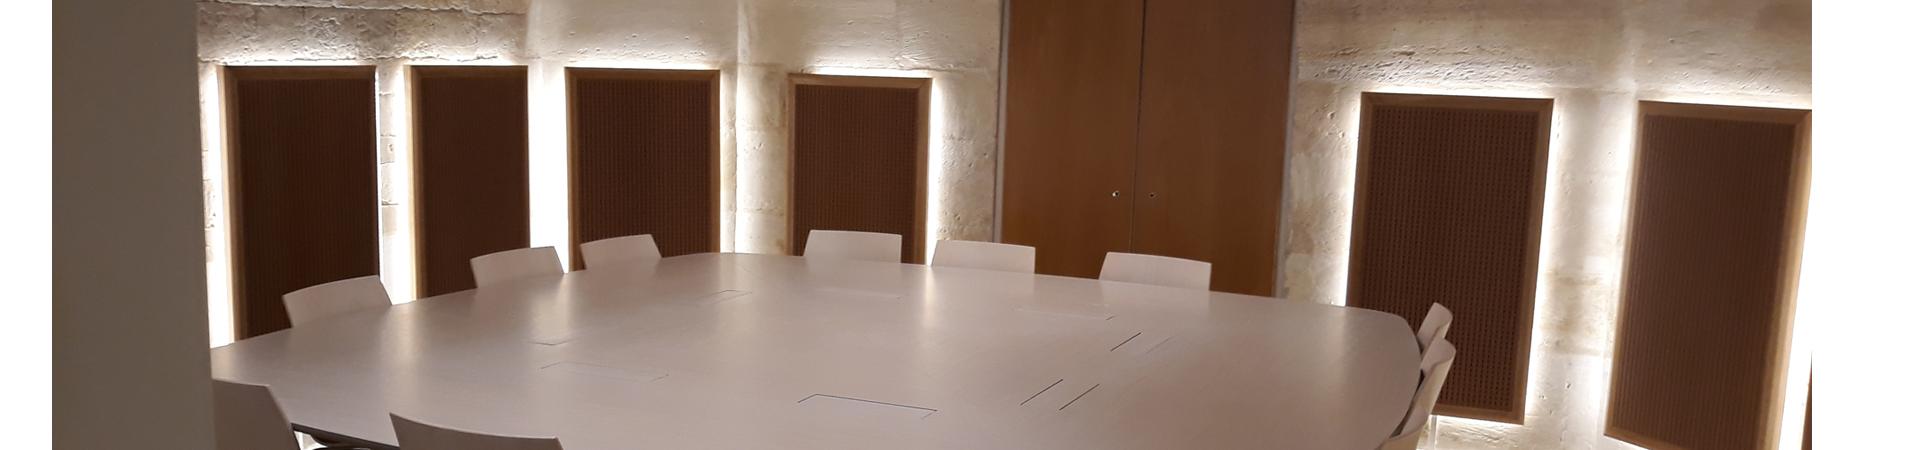 Table réunion acoustique